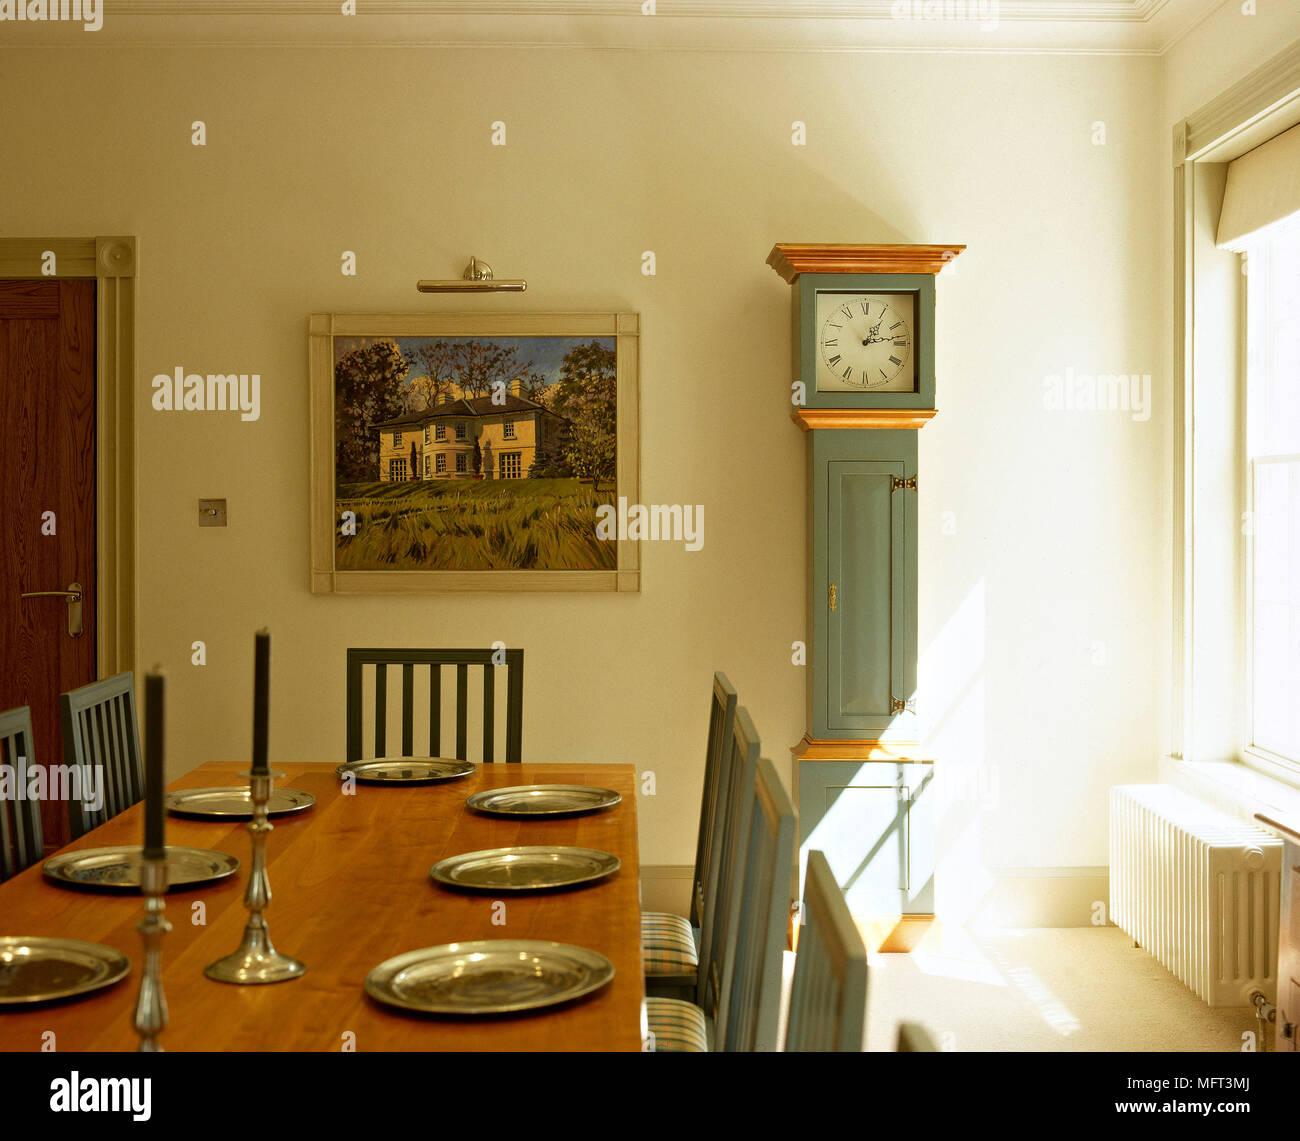 Land Gelb Esszimmer Detail Holz Tisch Lackiert Stühle Standuhr Innenräume  Zimmer Möbel Leichte Frische Sonnig